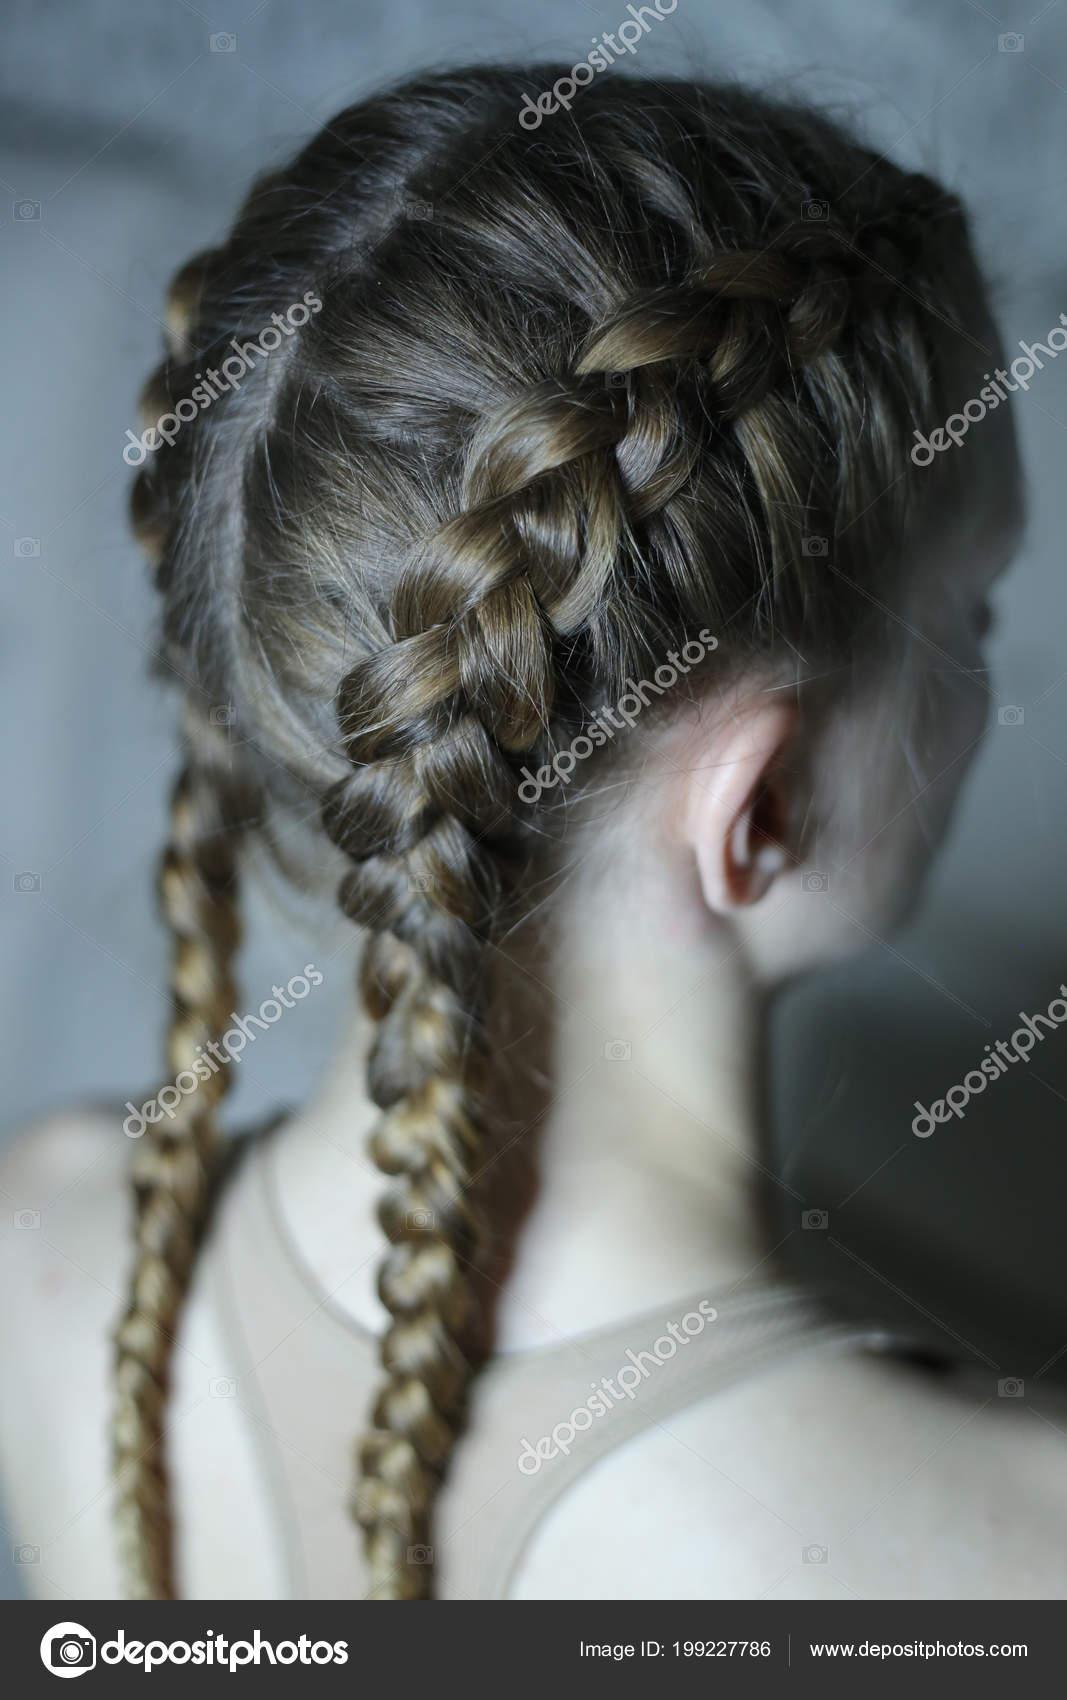 Groovy Texture Hair Braided Braids Girl Head Work Hairdresser Weaving Schematic Wiring Diagrams Phreekkolirunnerswayorg